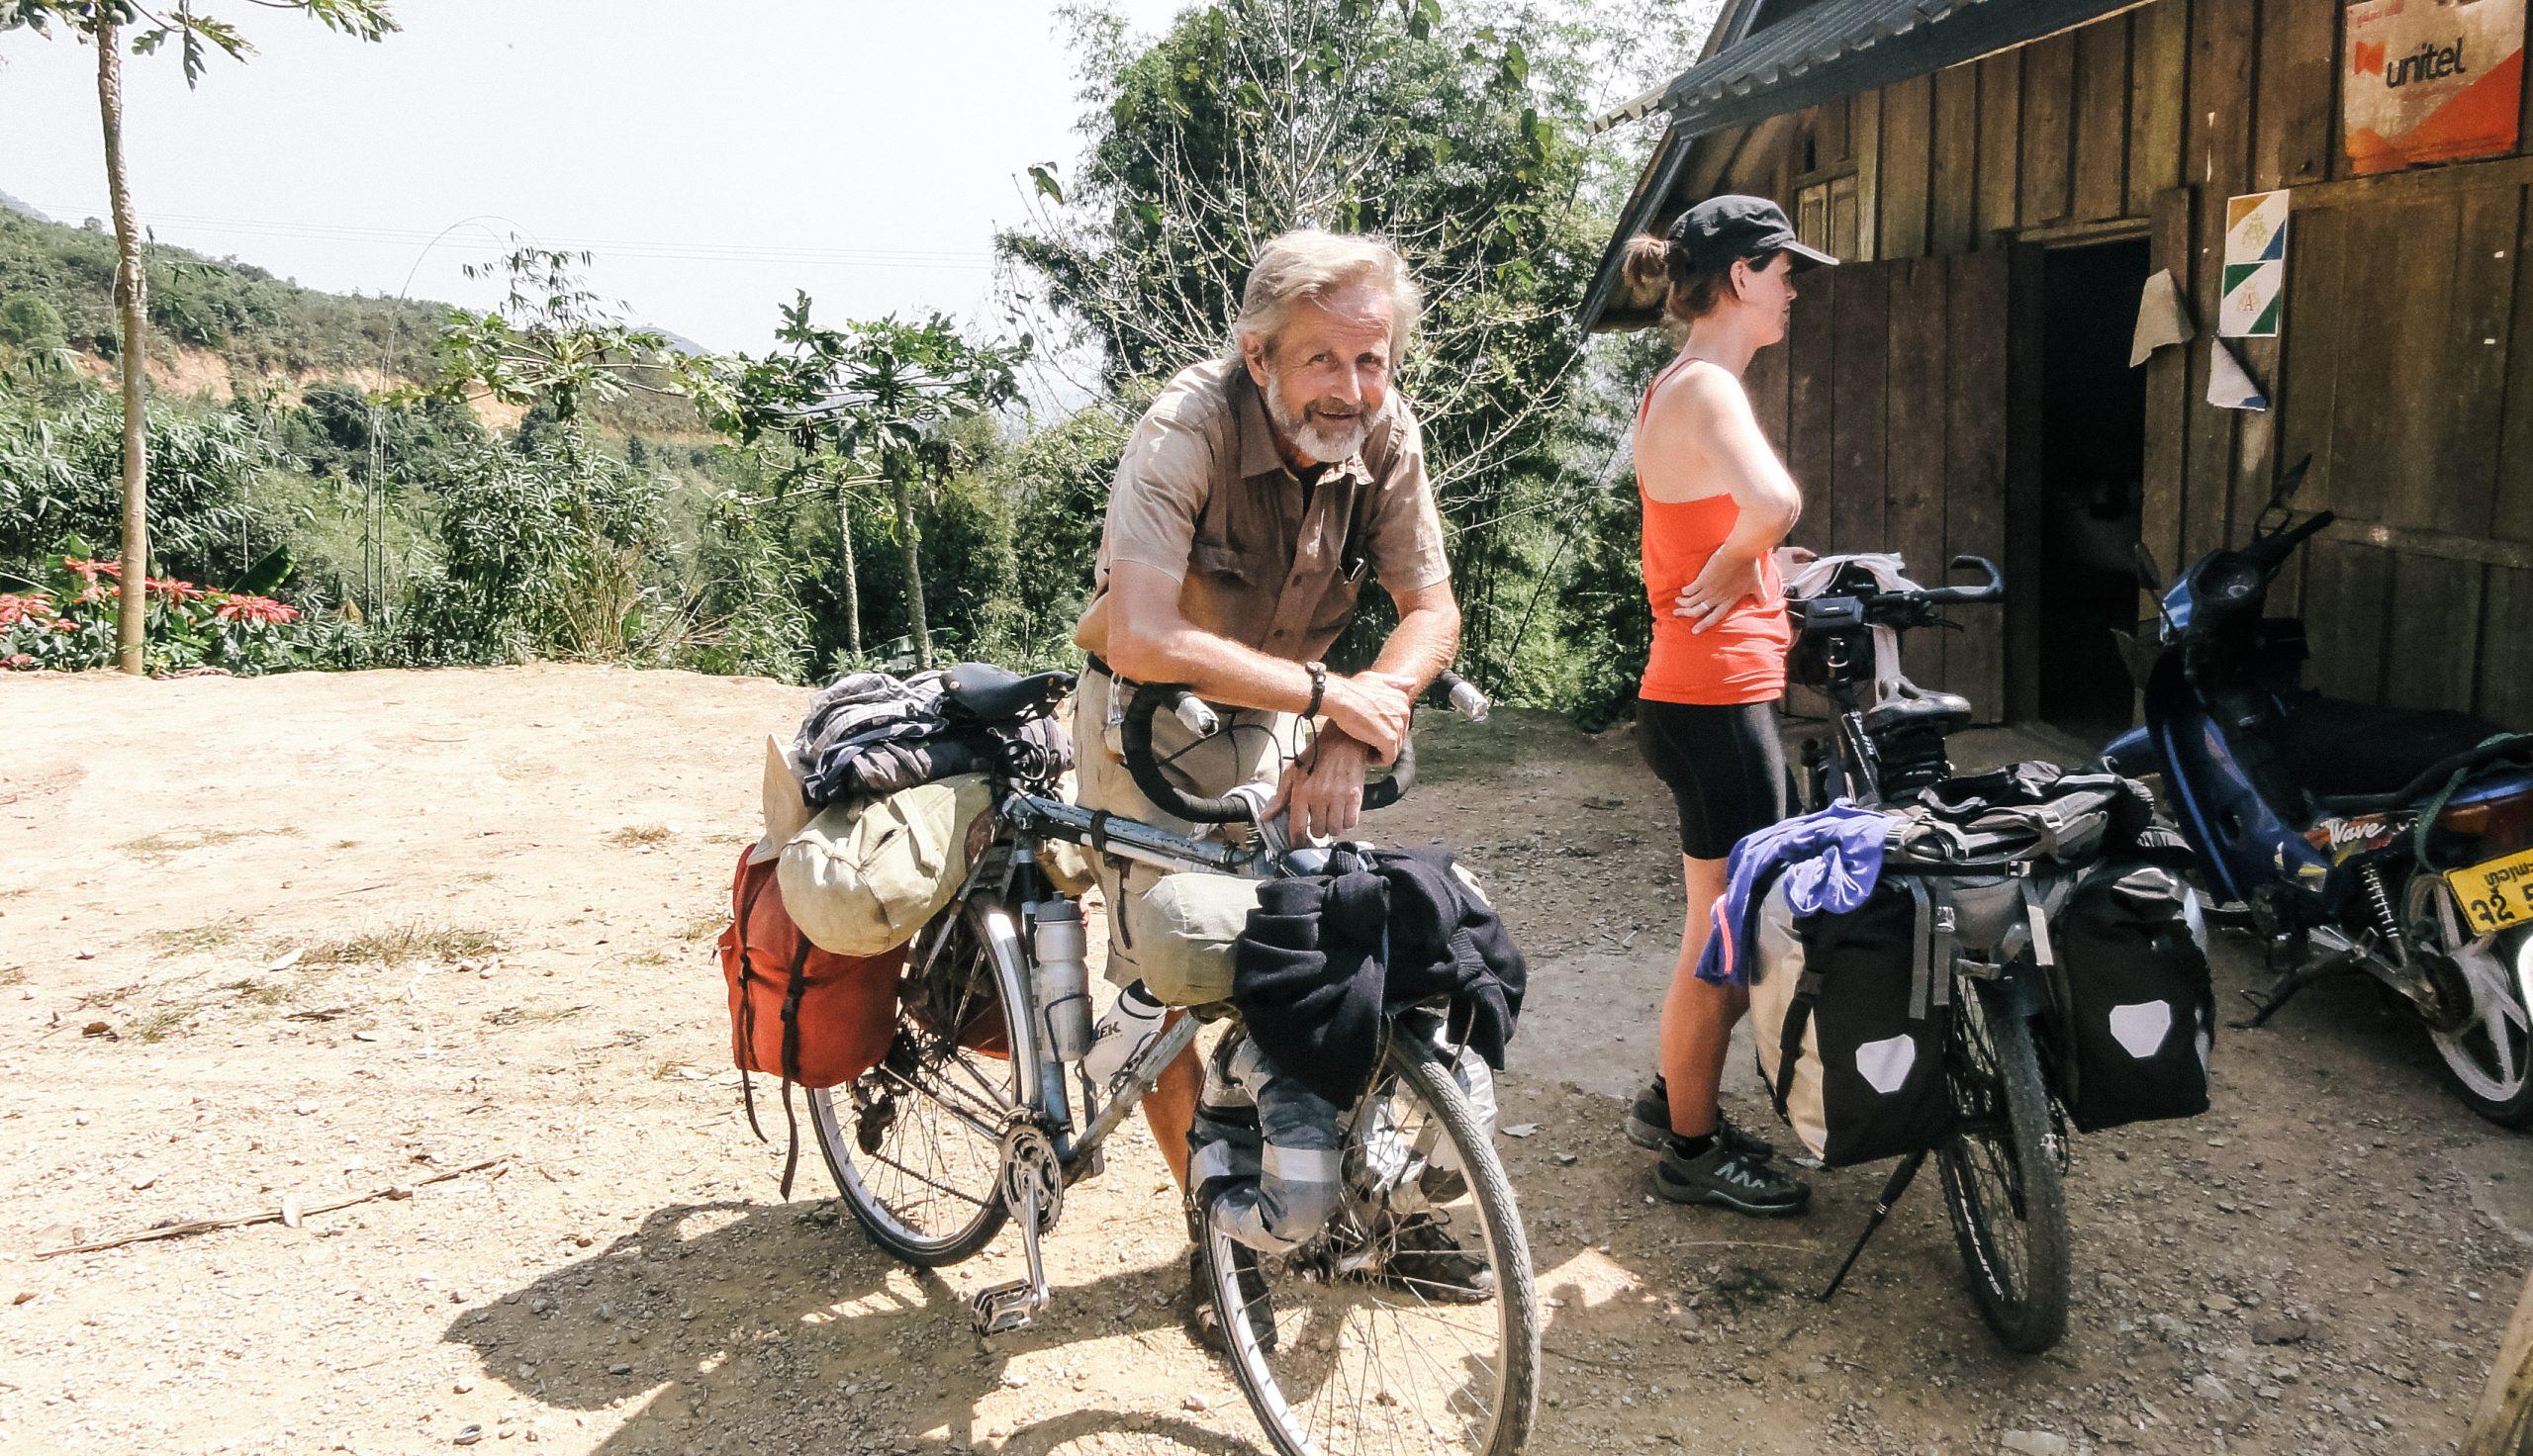 Велосипедист из Голландии ему за 60 и он катает по перевалам Лаоса, а его велосипеду еще больше лет